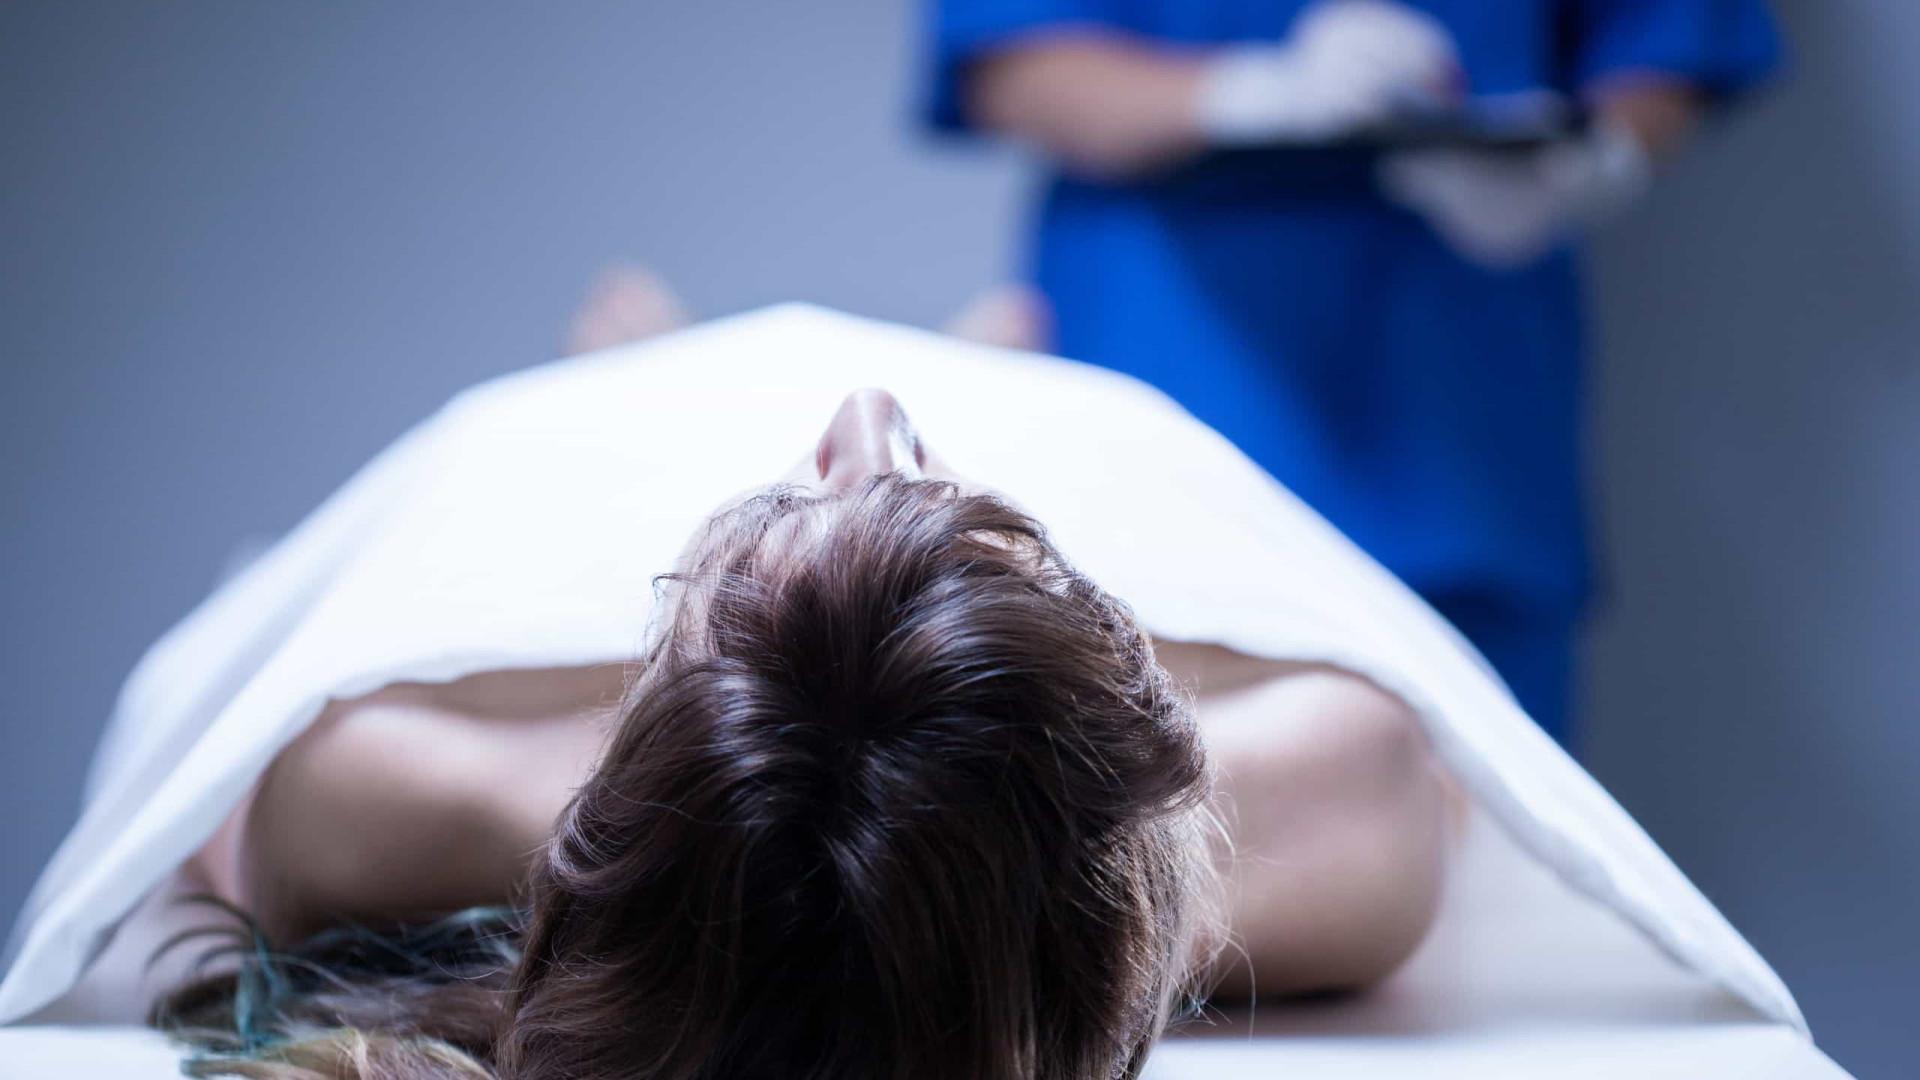 Morte súbita: Causas, quatro sintomas prévios e como evitar